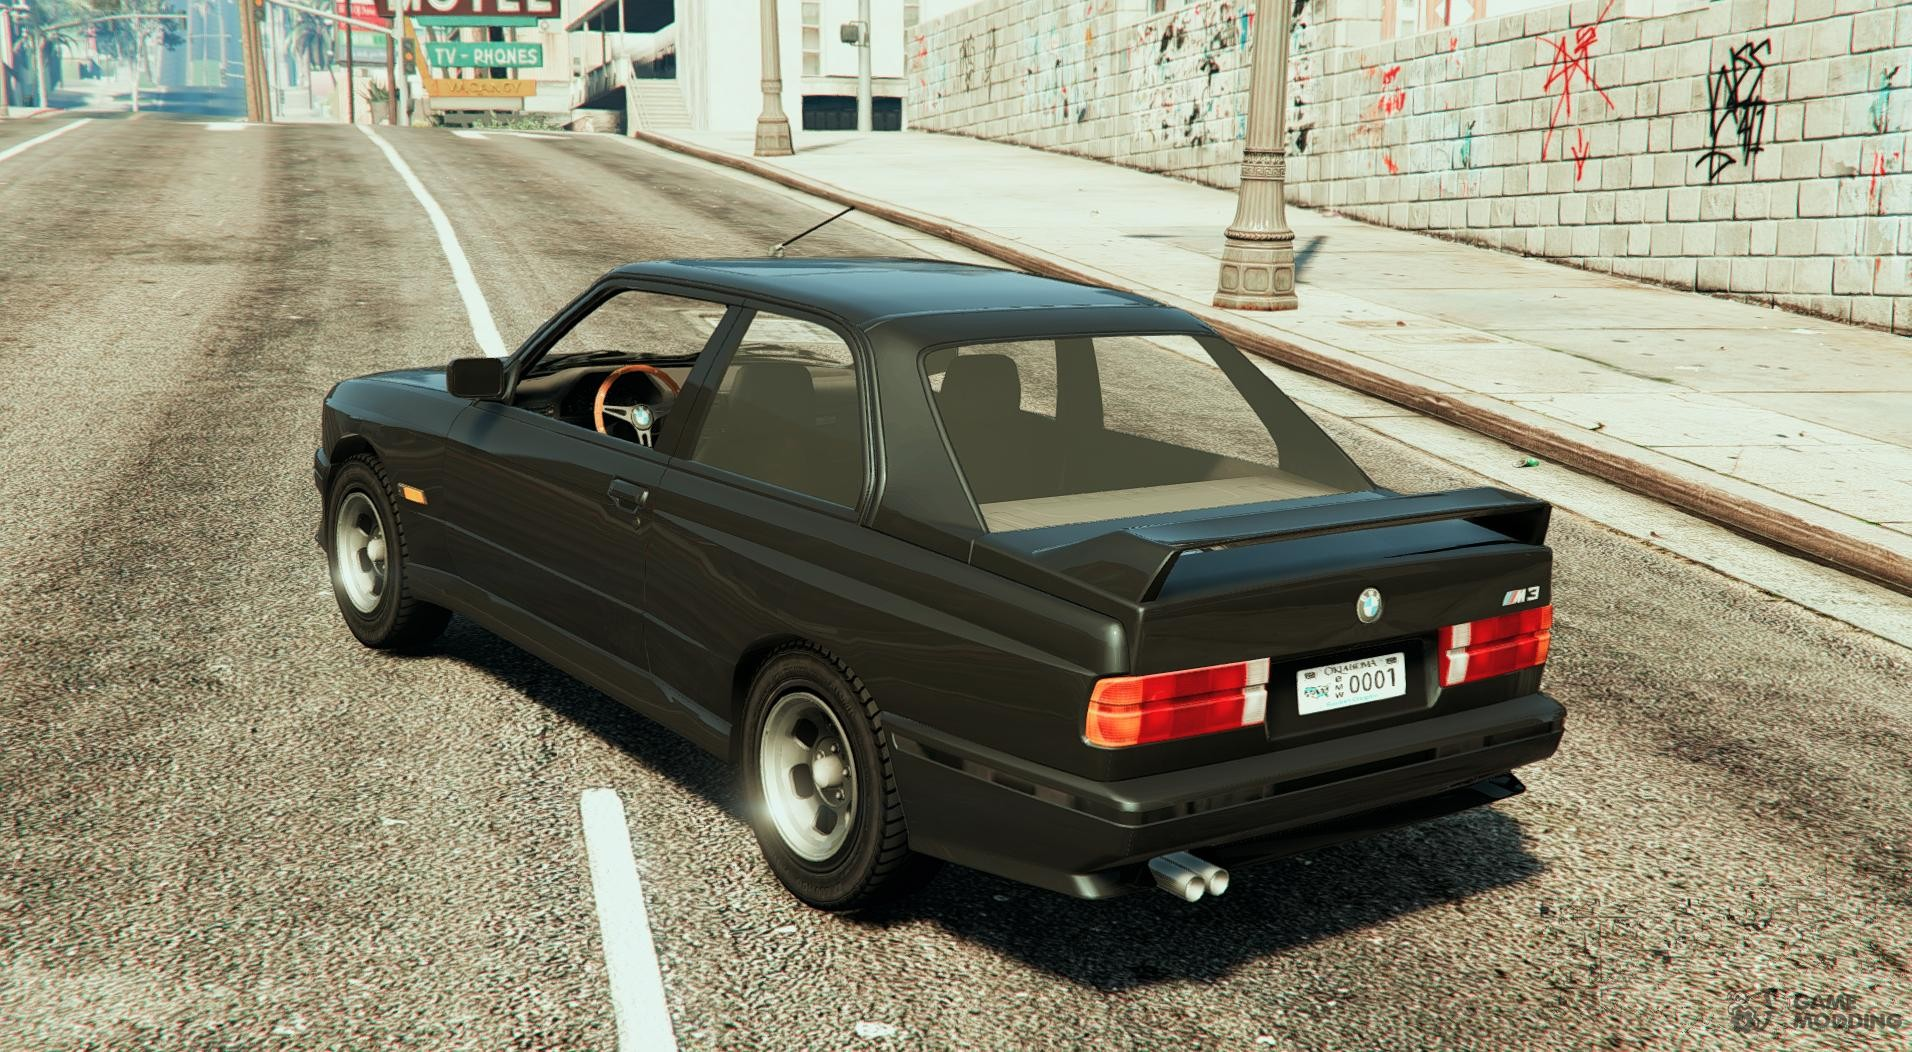 BMW M3 E30 0.5 for GTA 5